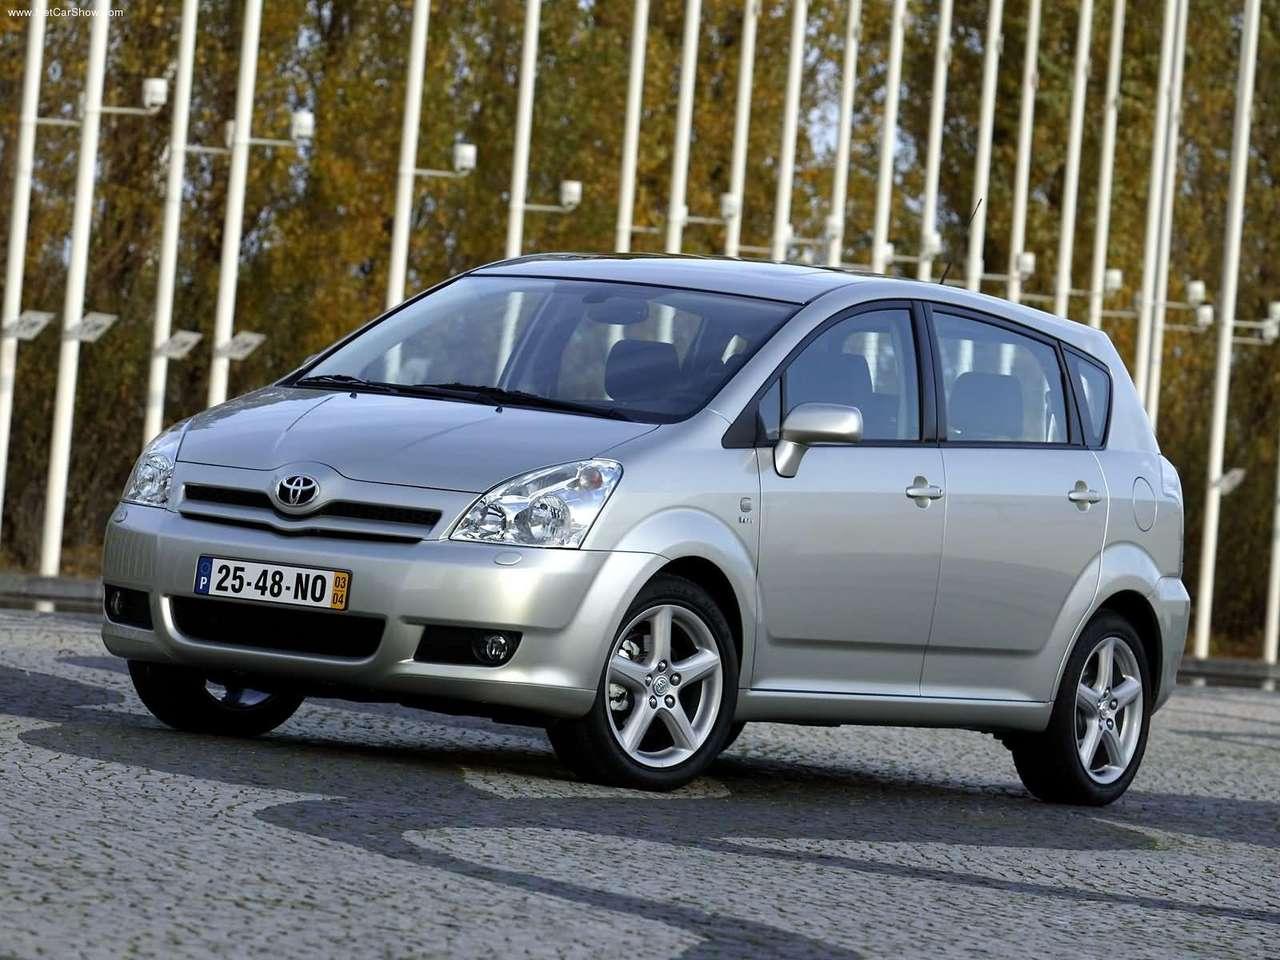 http://1.bp.blogspot.com/_xhqjRo6NERQ/S8l_oEah33I/AAAAAAAAIDg/iN0DSWV5NAA/s1600/Toyota-Corolla_Verso_VVTi_2004_1280x960_wallpaper_05.jpg